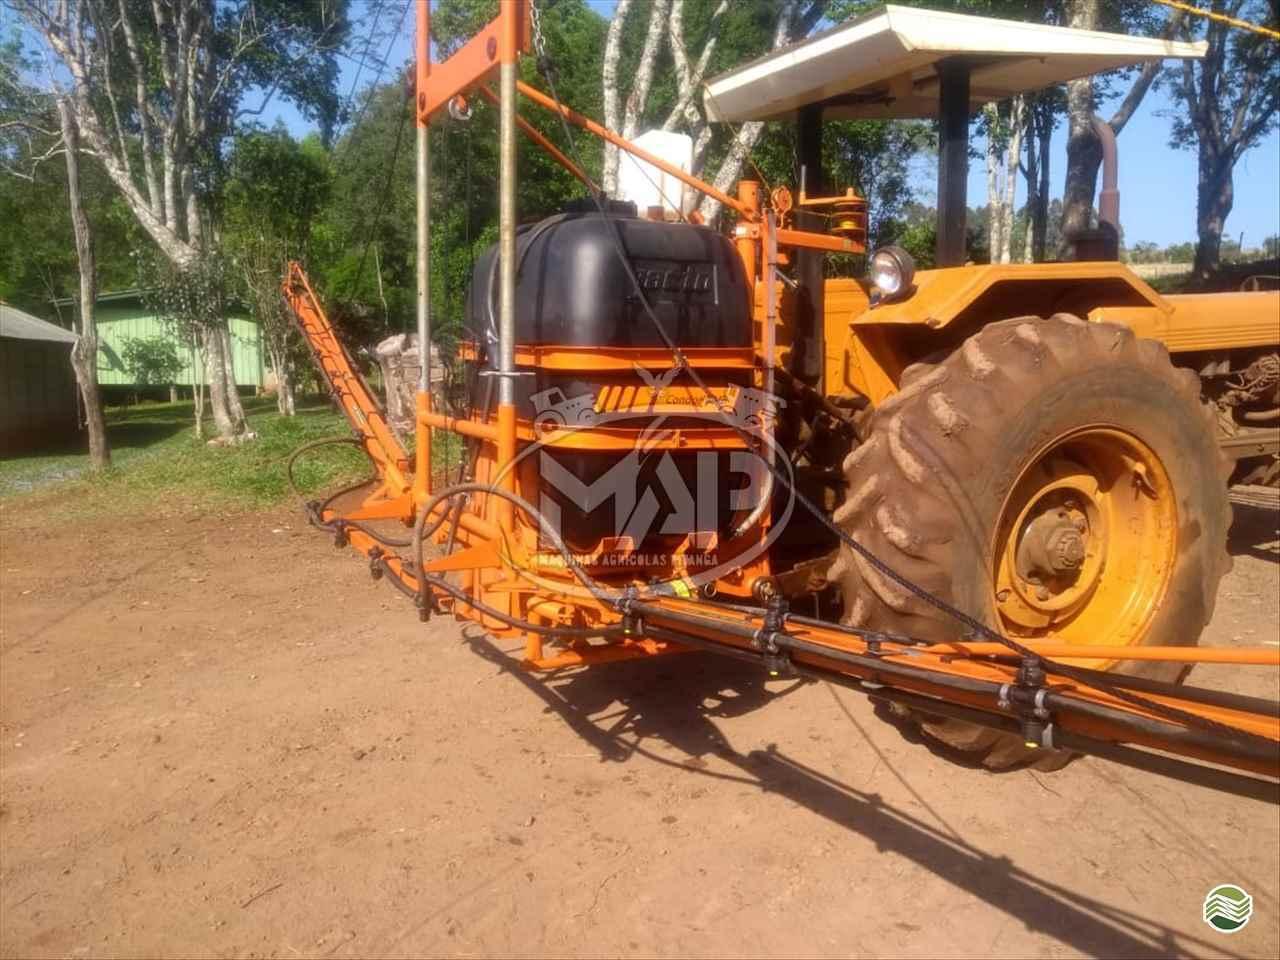 PULVERIZADOR JACTO CONDOR 600 M12 Arrasto Máquinas Agrícolas Pitanga PITANGA PARANÁ PR